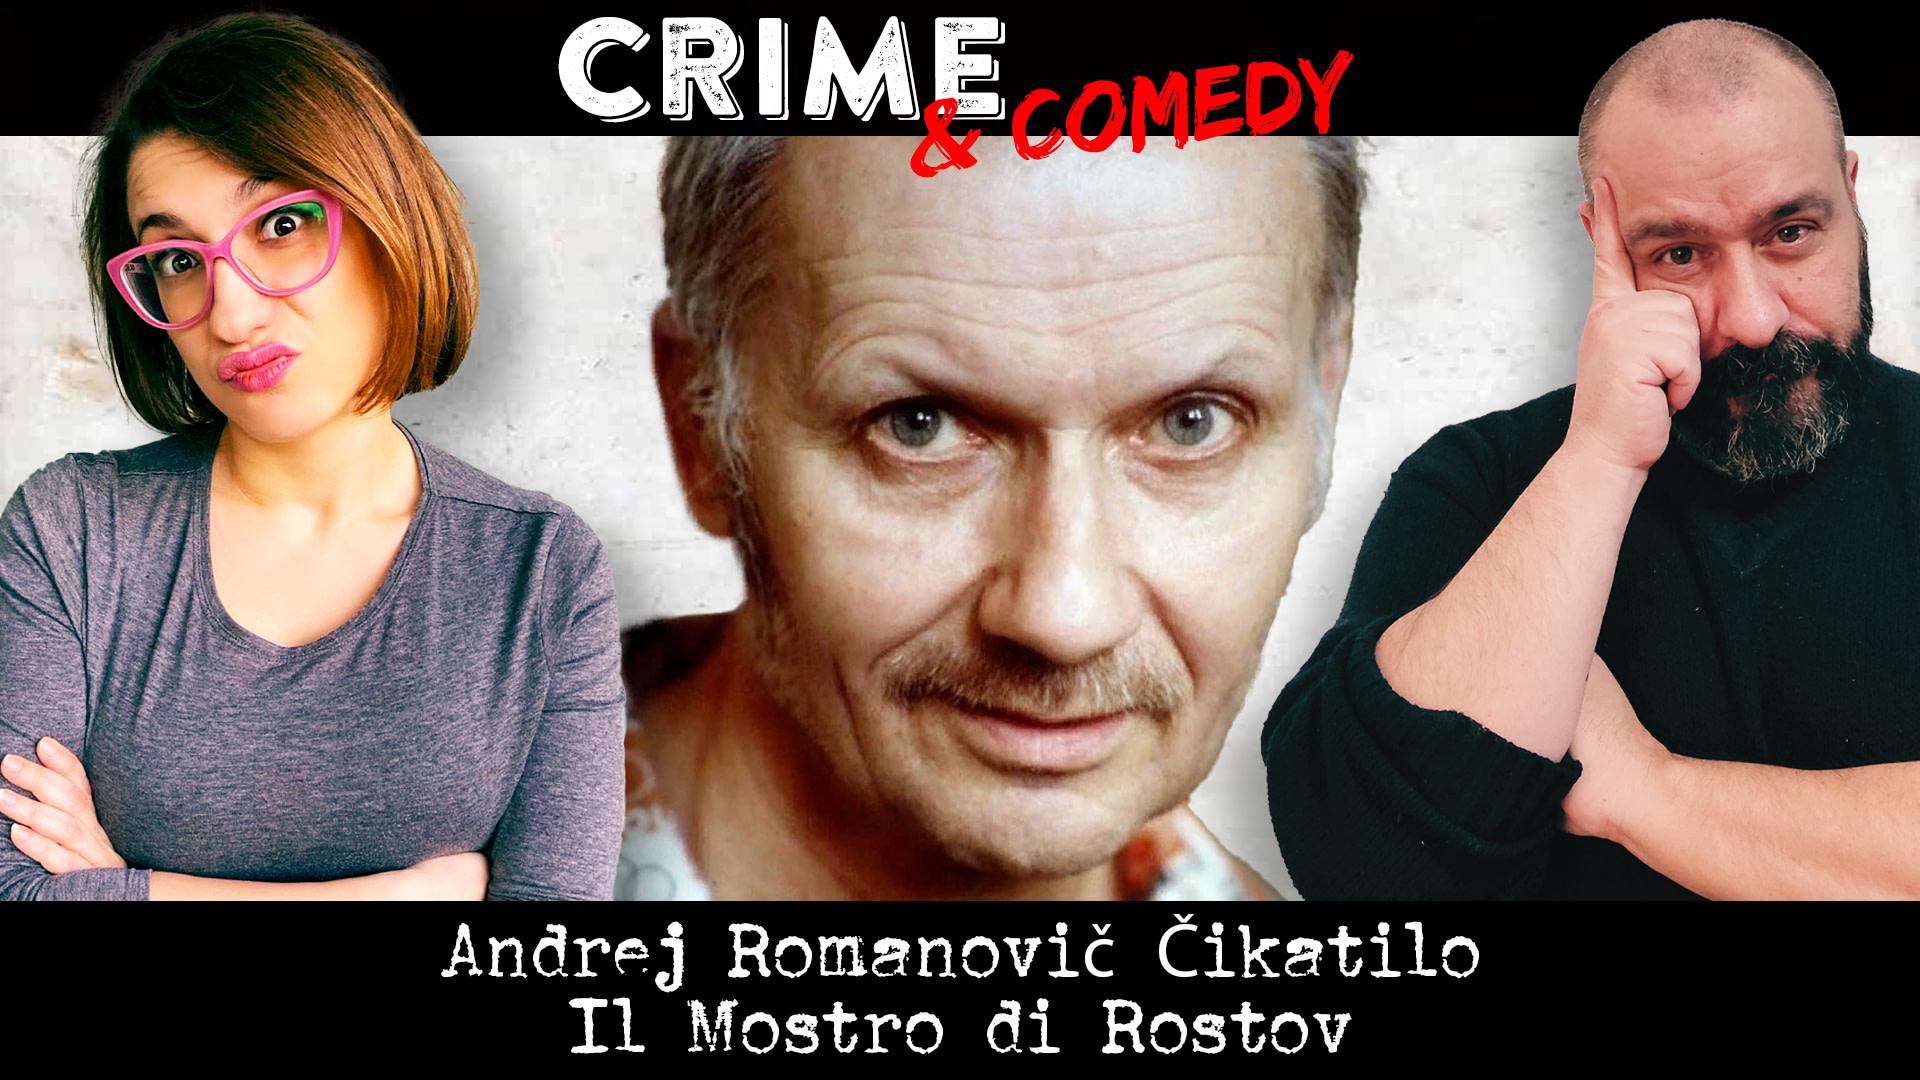 Andrei Romanovich Chikatilo - Podcast